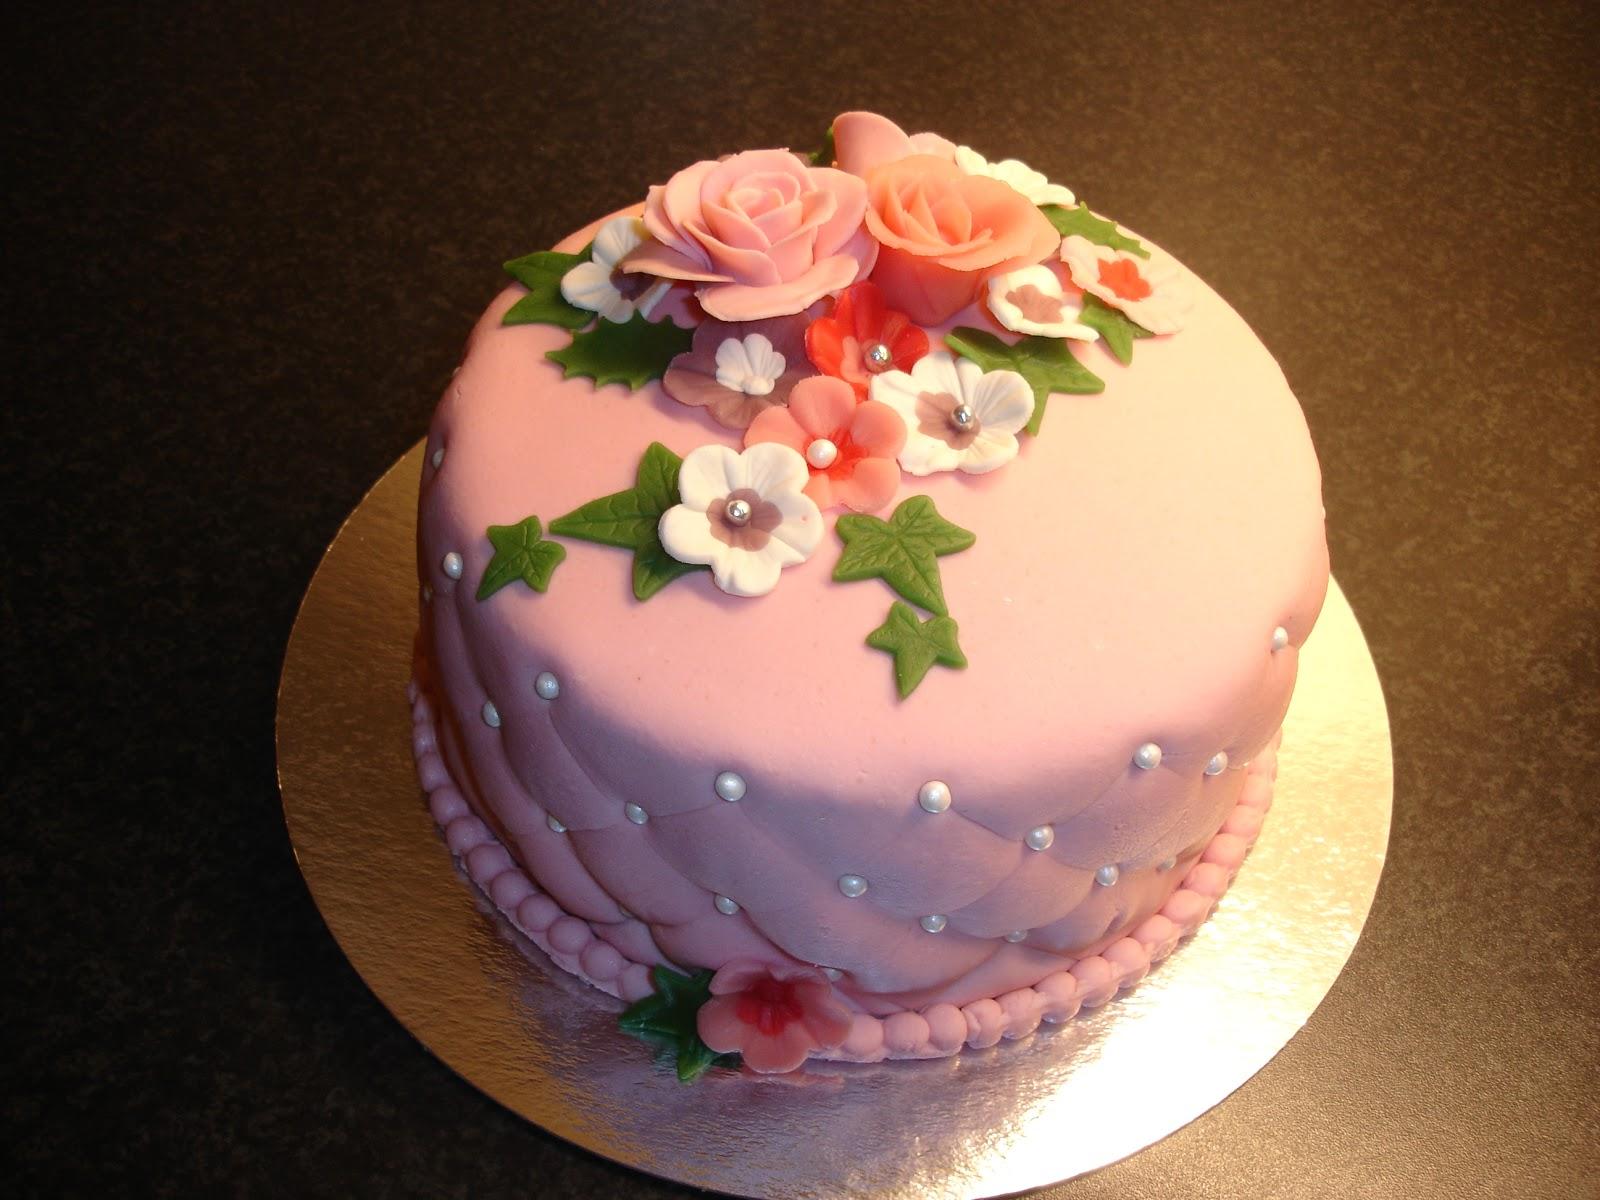 grattis på födelsedagen tårta Maries Tårtor: Grattis Carina på födelsedagen grattis på födelsedagen tårta